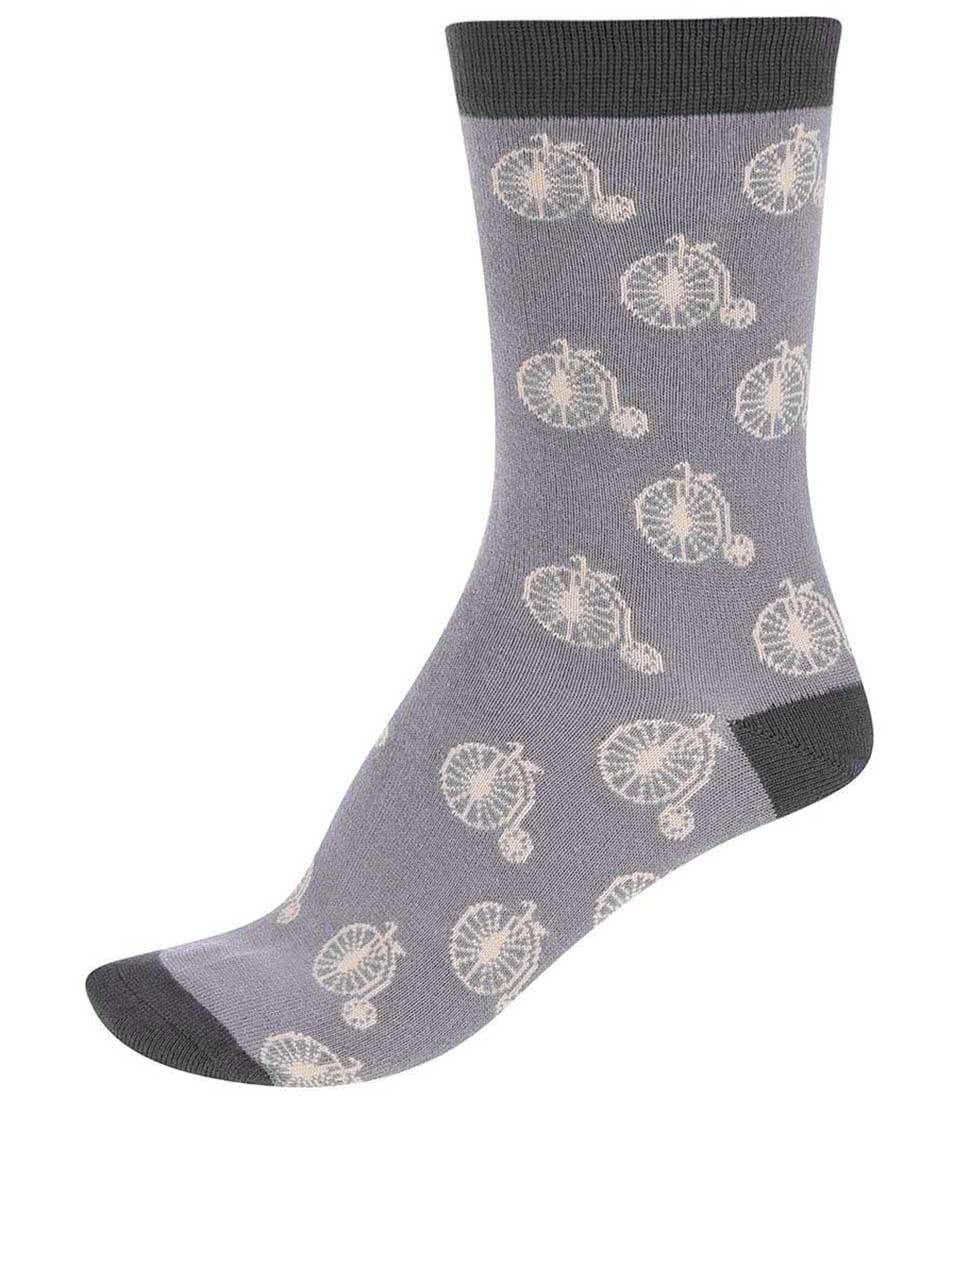 33f1d2696f2 Sivé dámske bambusové ponožky Braintree Penny Farthing ...